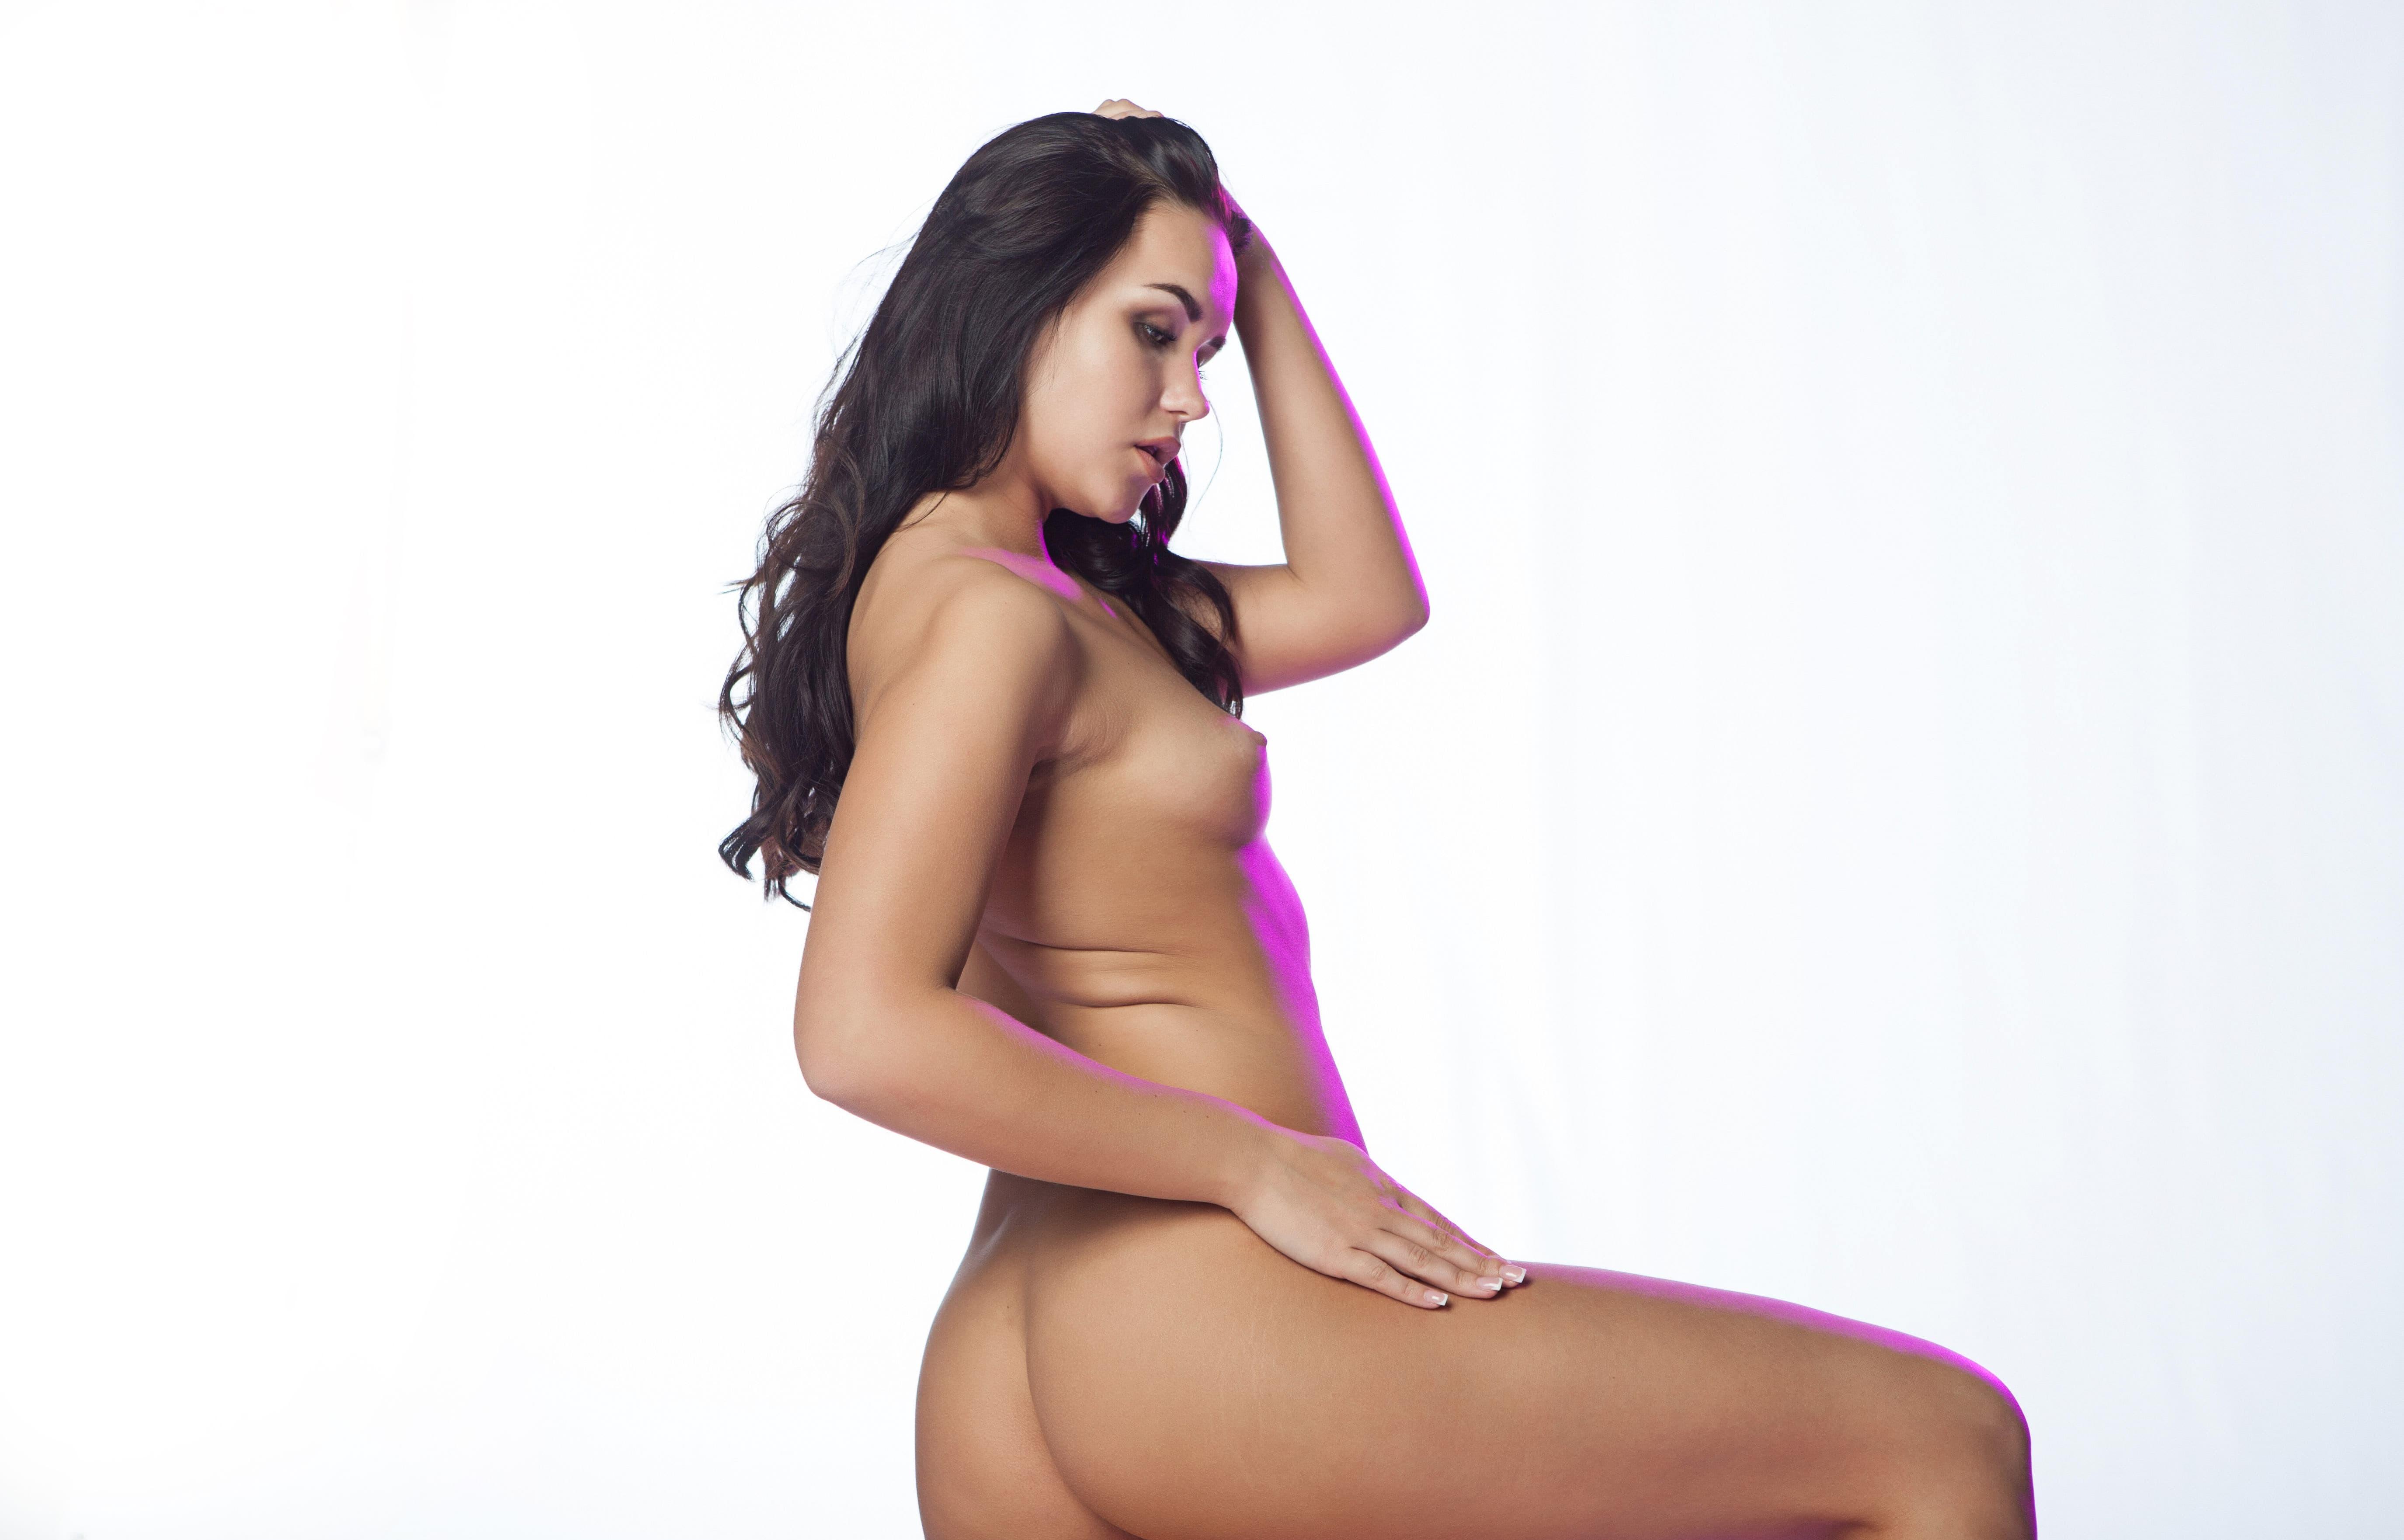 Красивая раздетая девица в фото студии - эротика